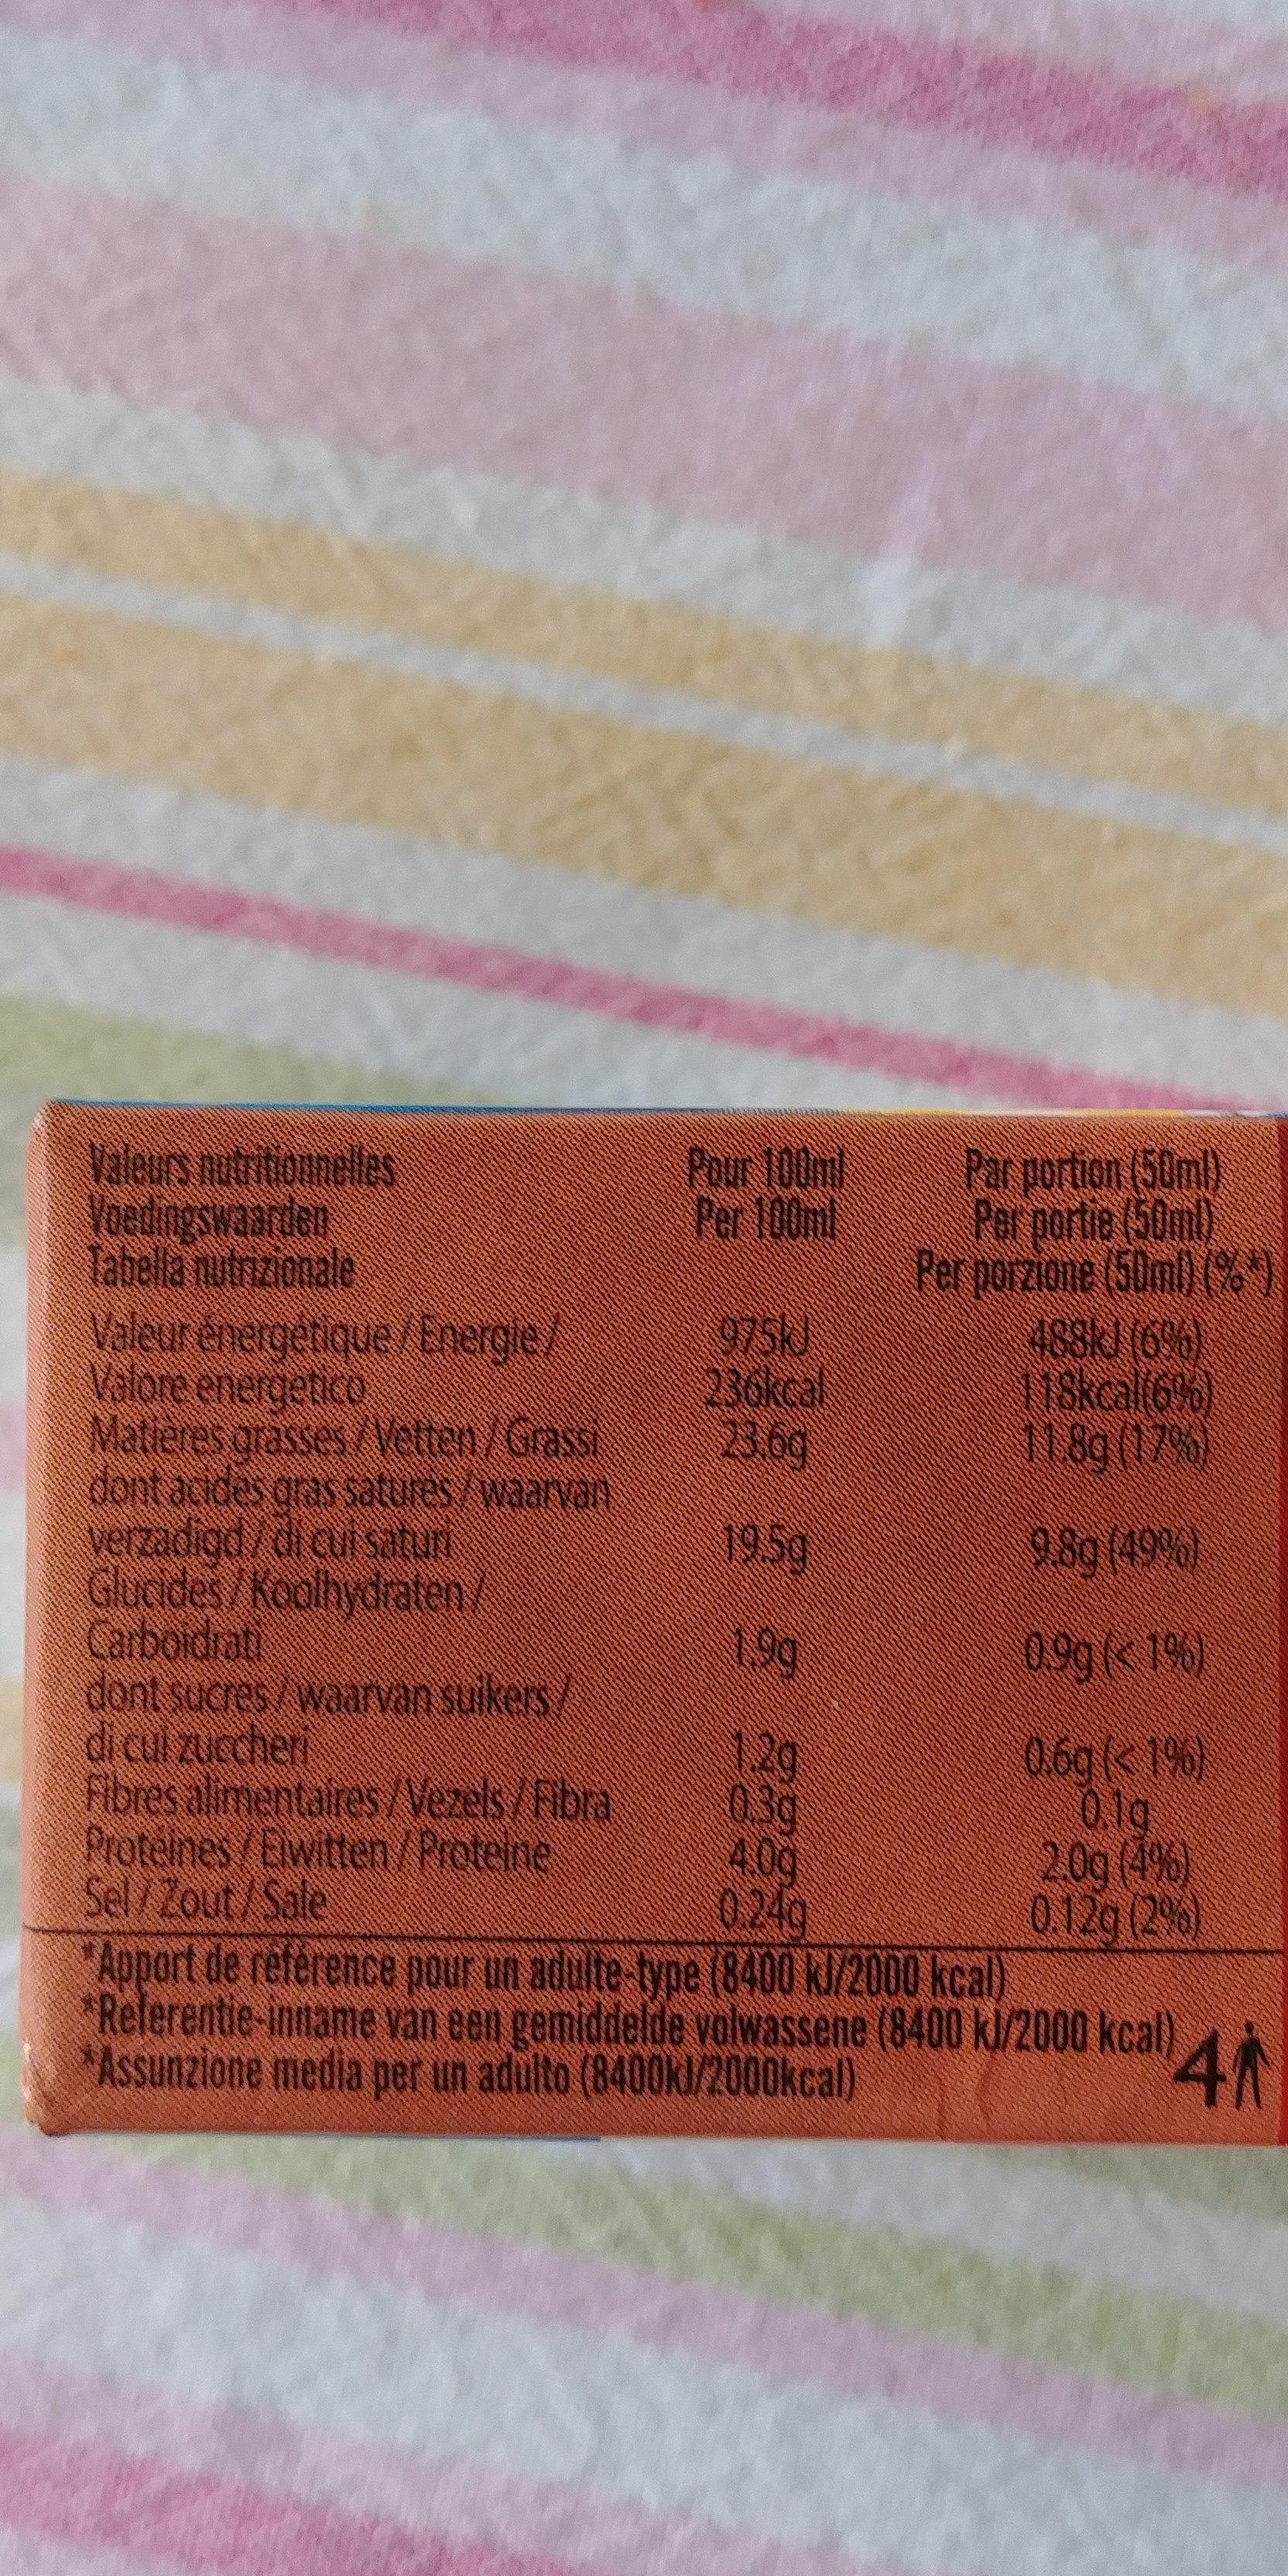 Crème de coco - Informazioni nutrizionali